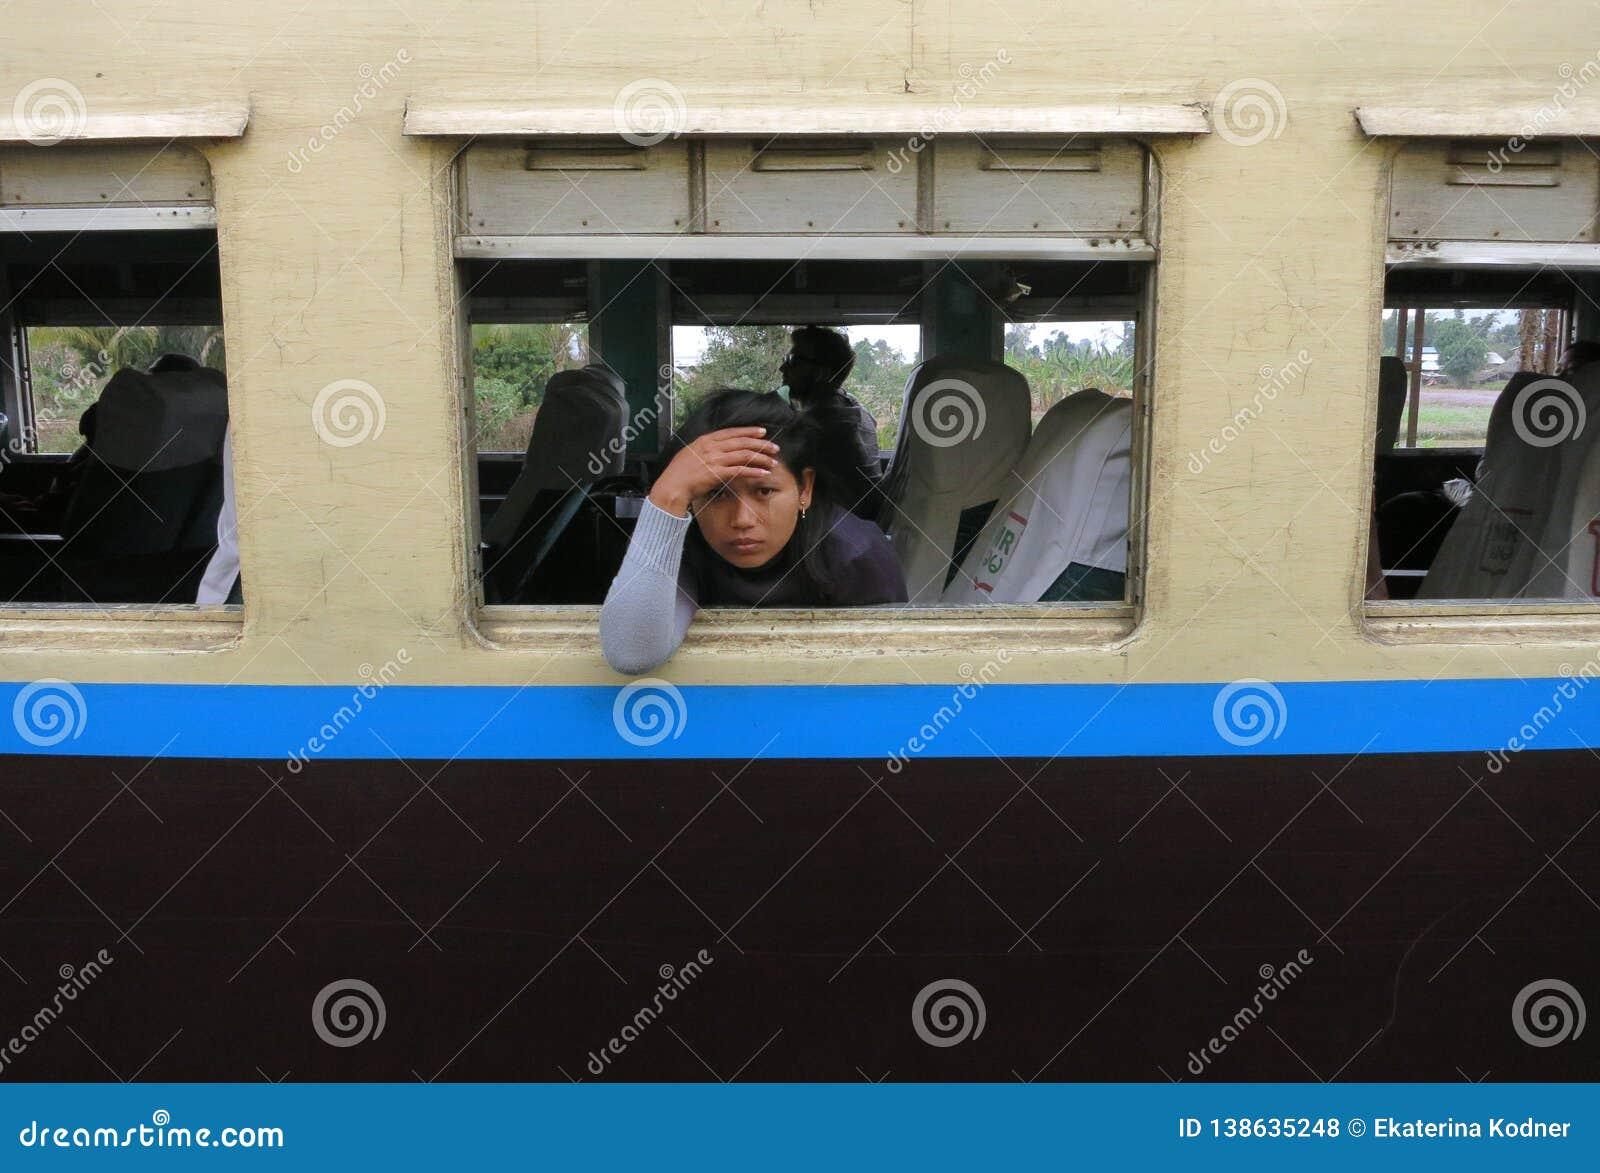 Ein trauriges und müdes birmanisches Mädchen, das aus dem Fenster eines alten Zugs heraus schaut